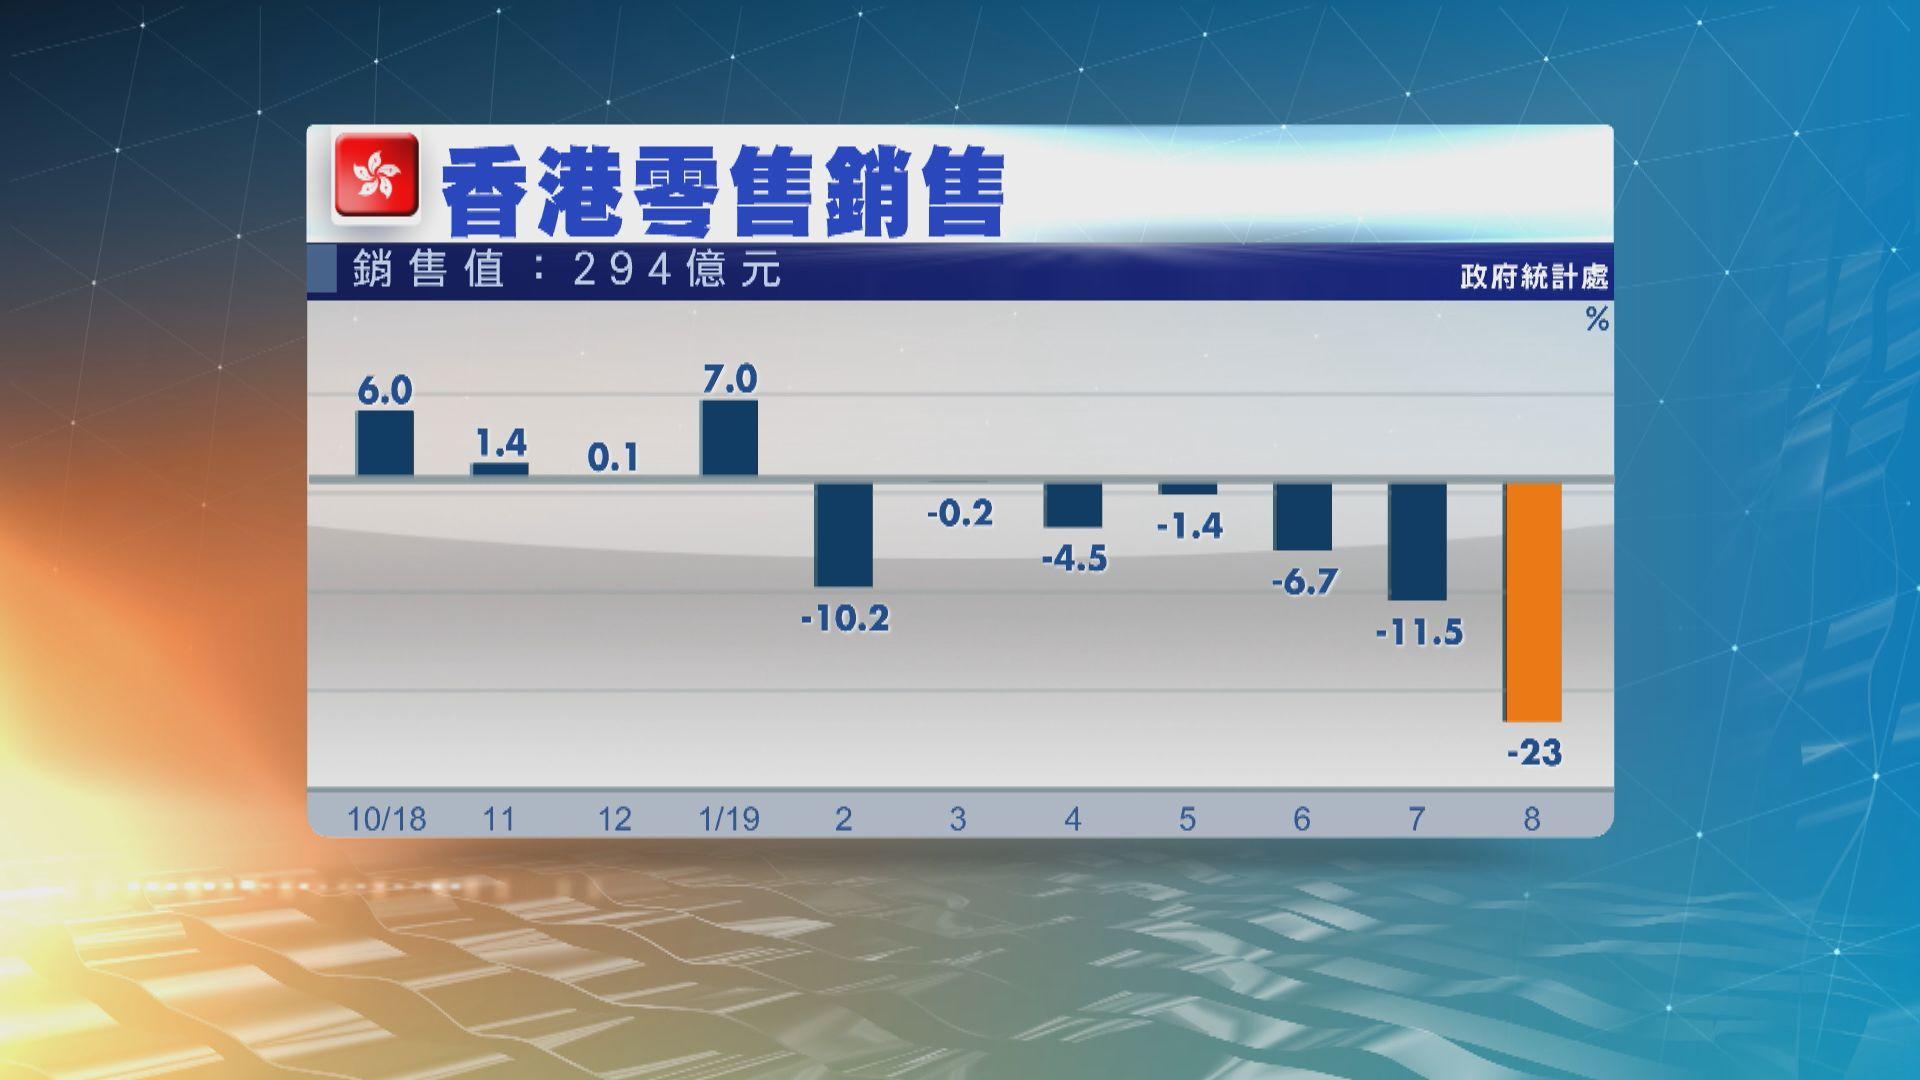 8月本港零售銷售大跌23%歷來最大跌幅